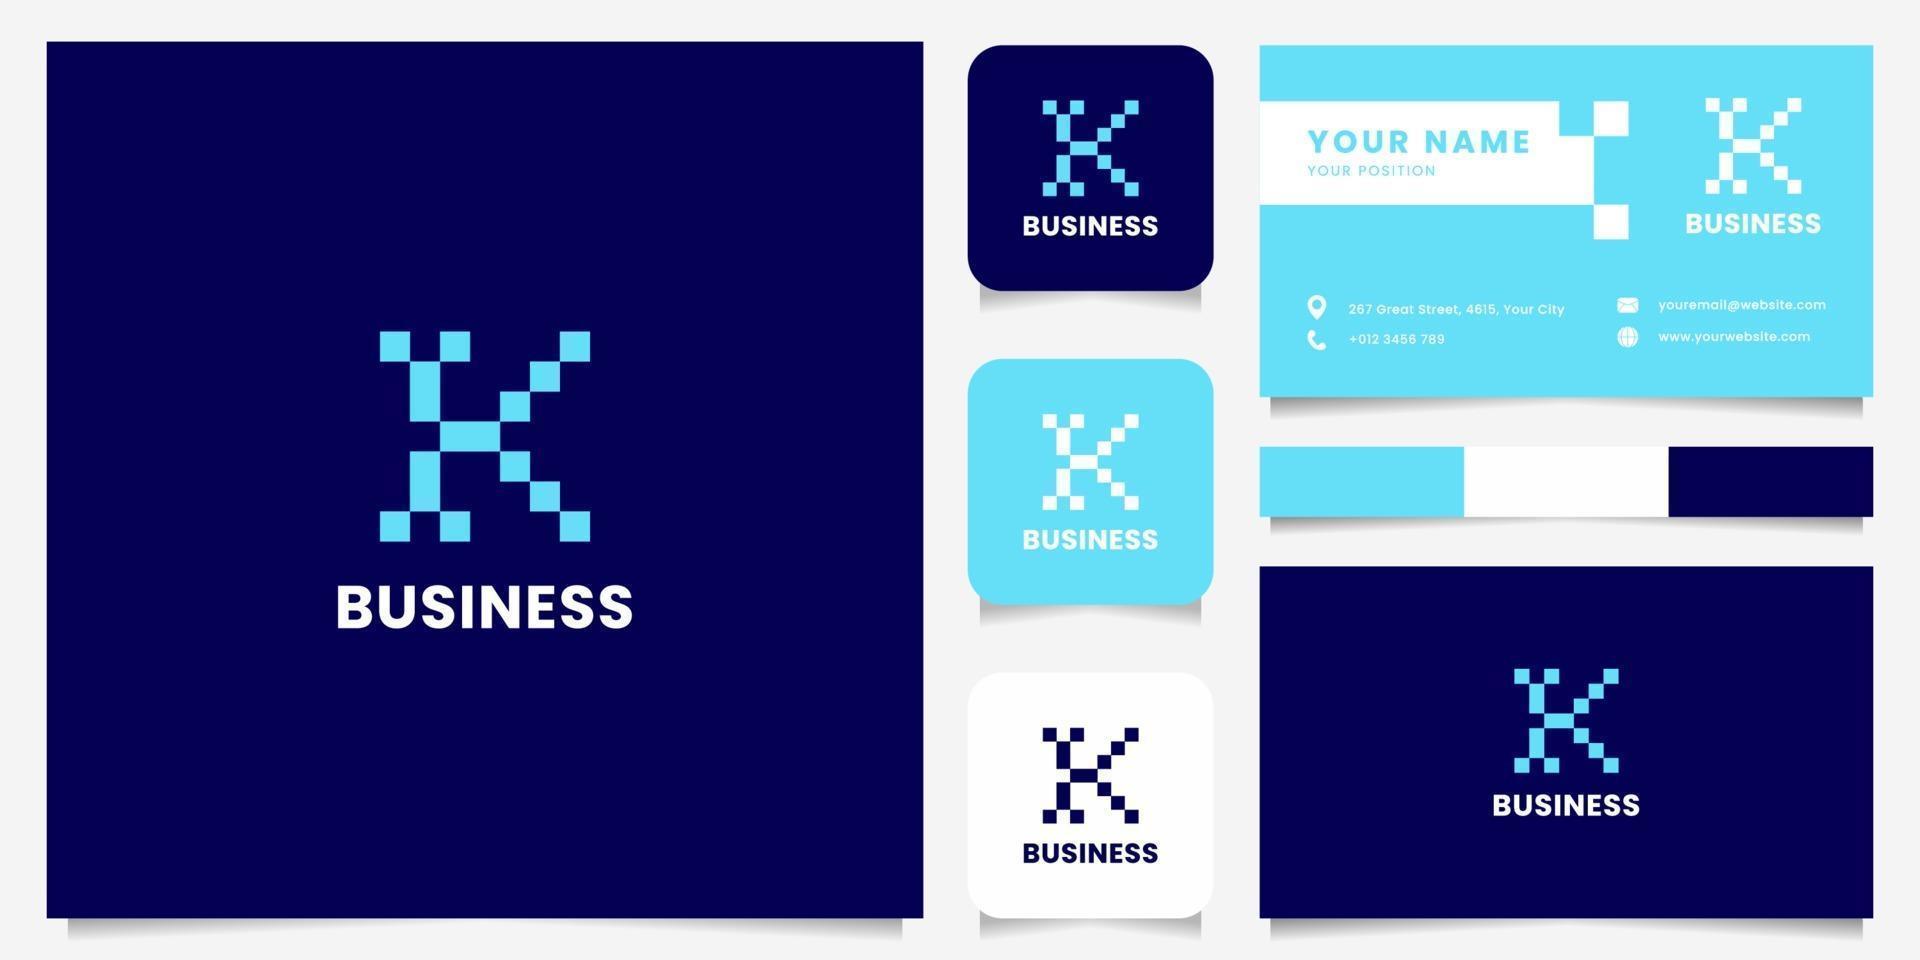 enkel och minimalistisk blå pixelbokstav logotyp med visitkortsmall vektor